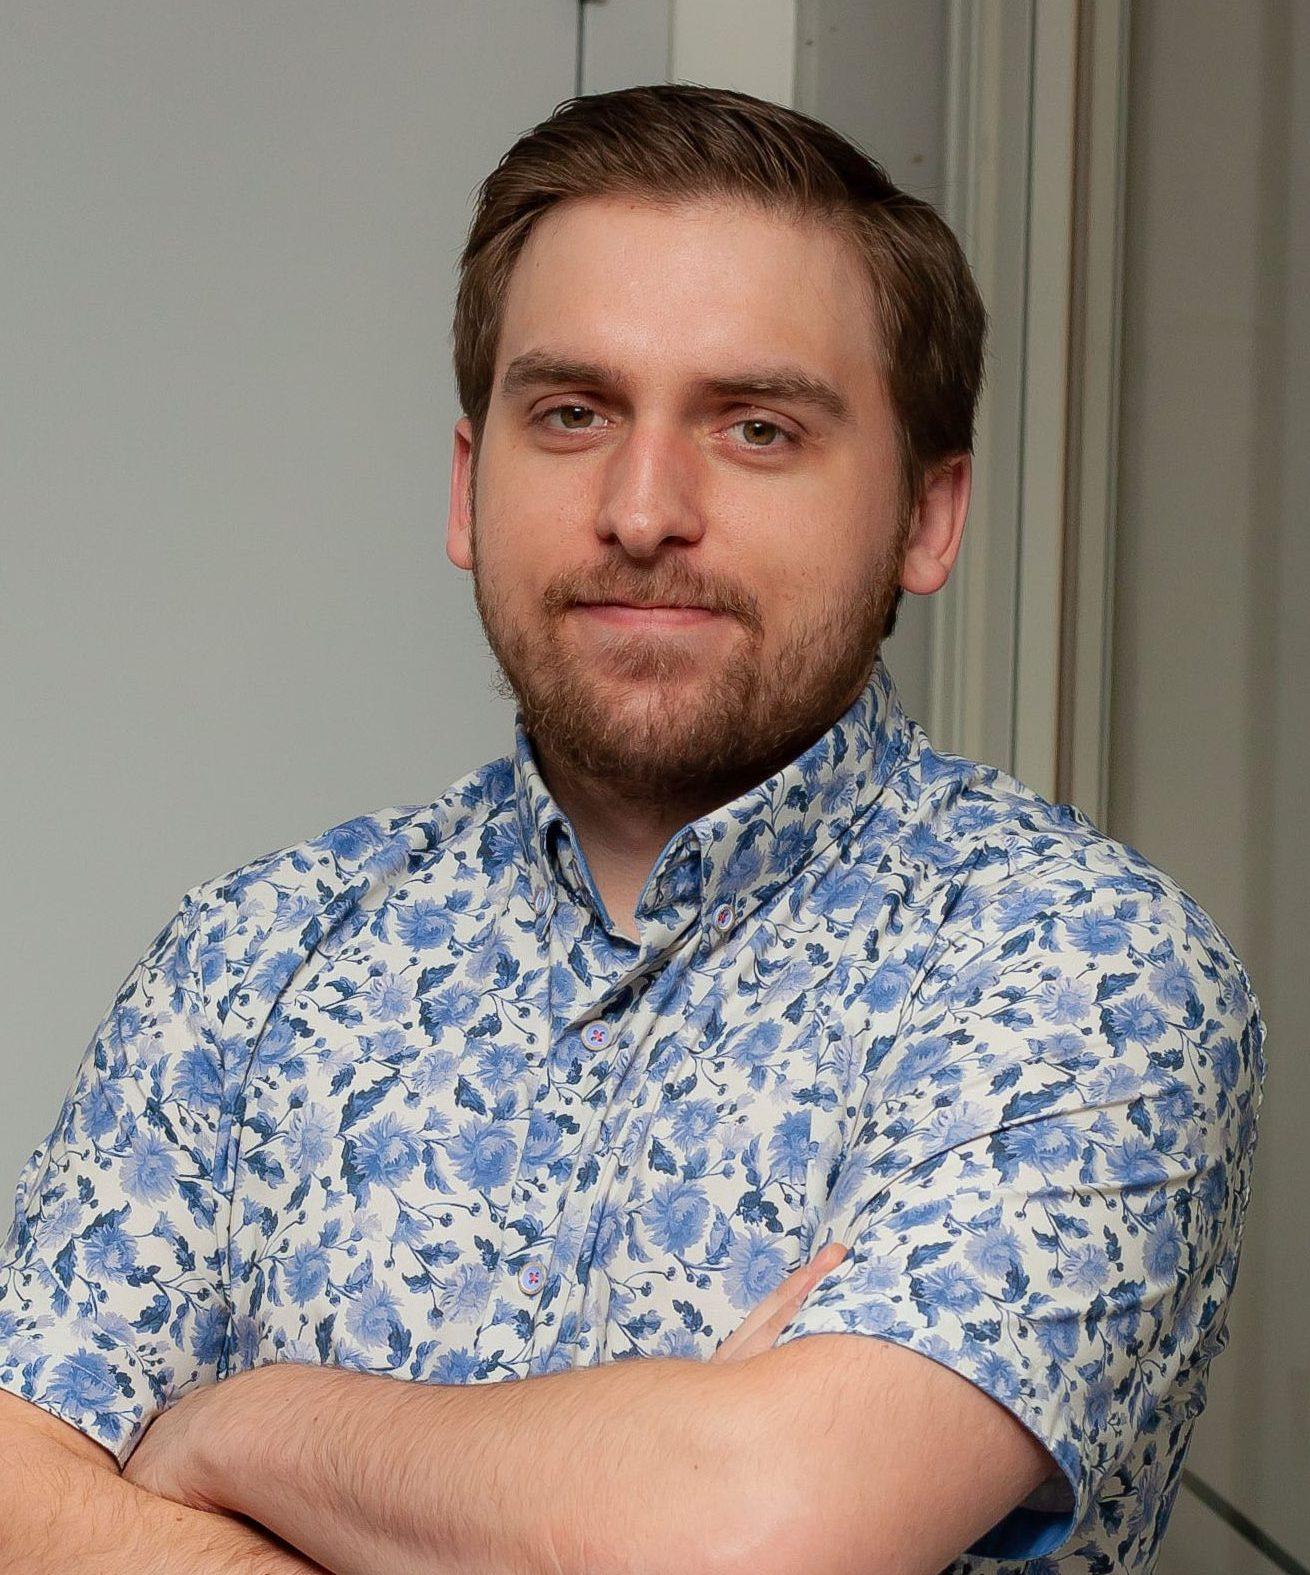 Austin Burkholder